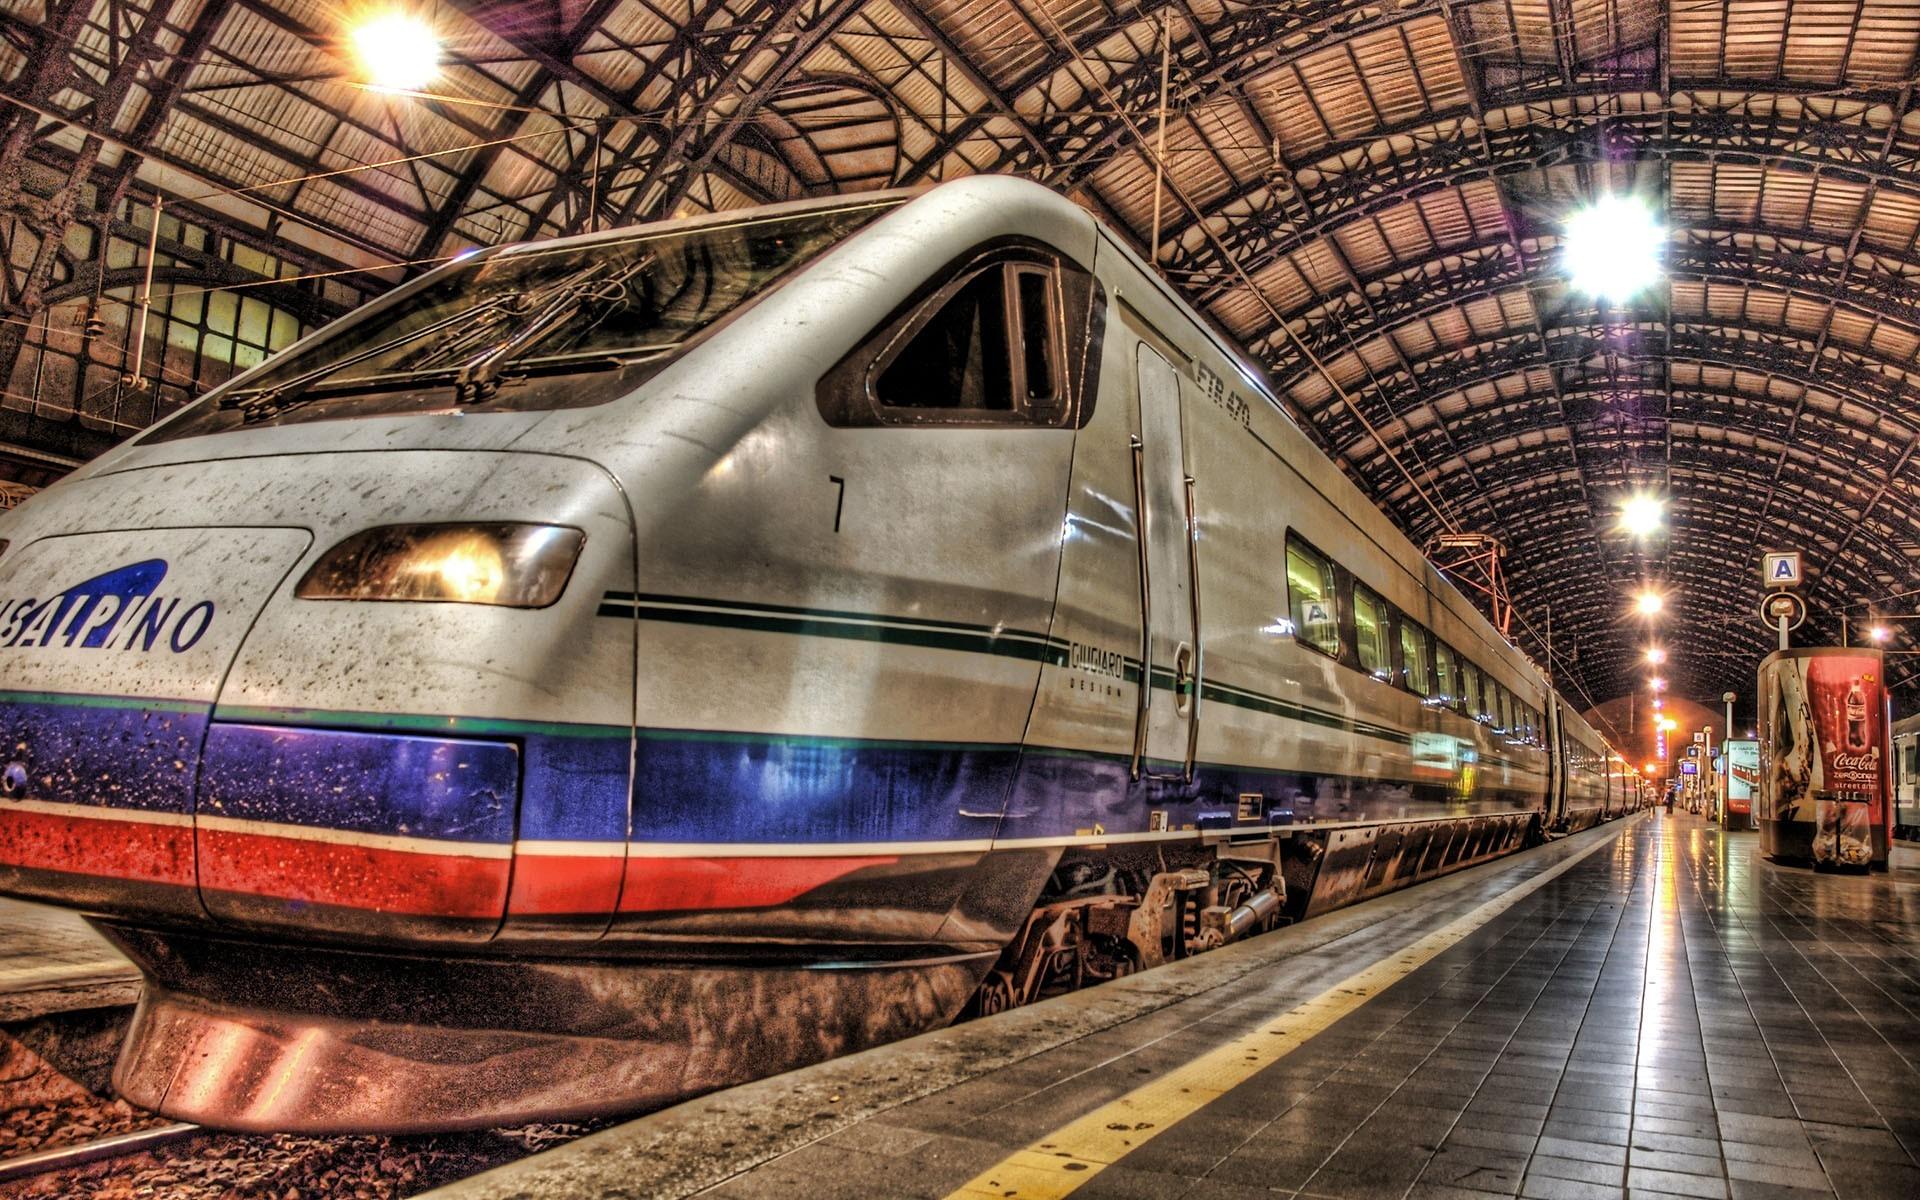 выбор картинки в большом разрешении пассажирских поездов какая